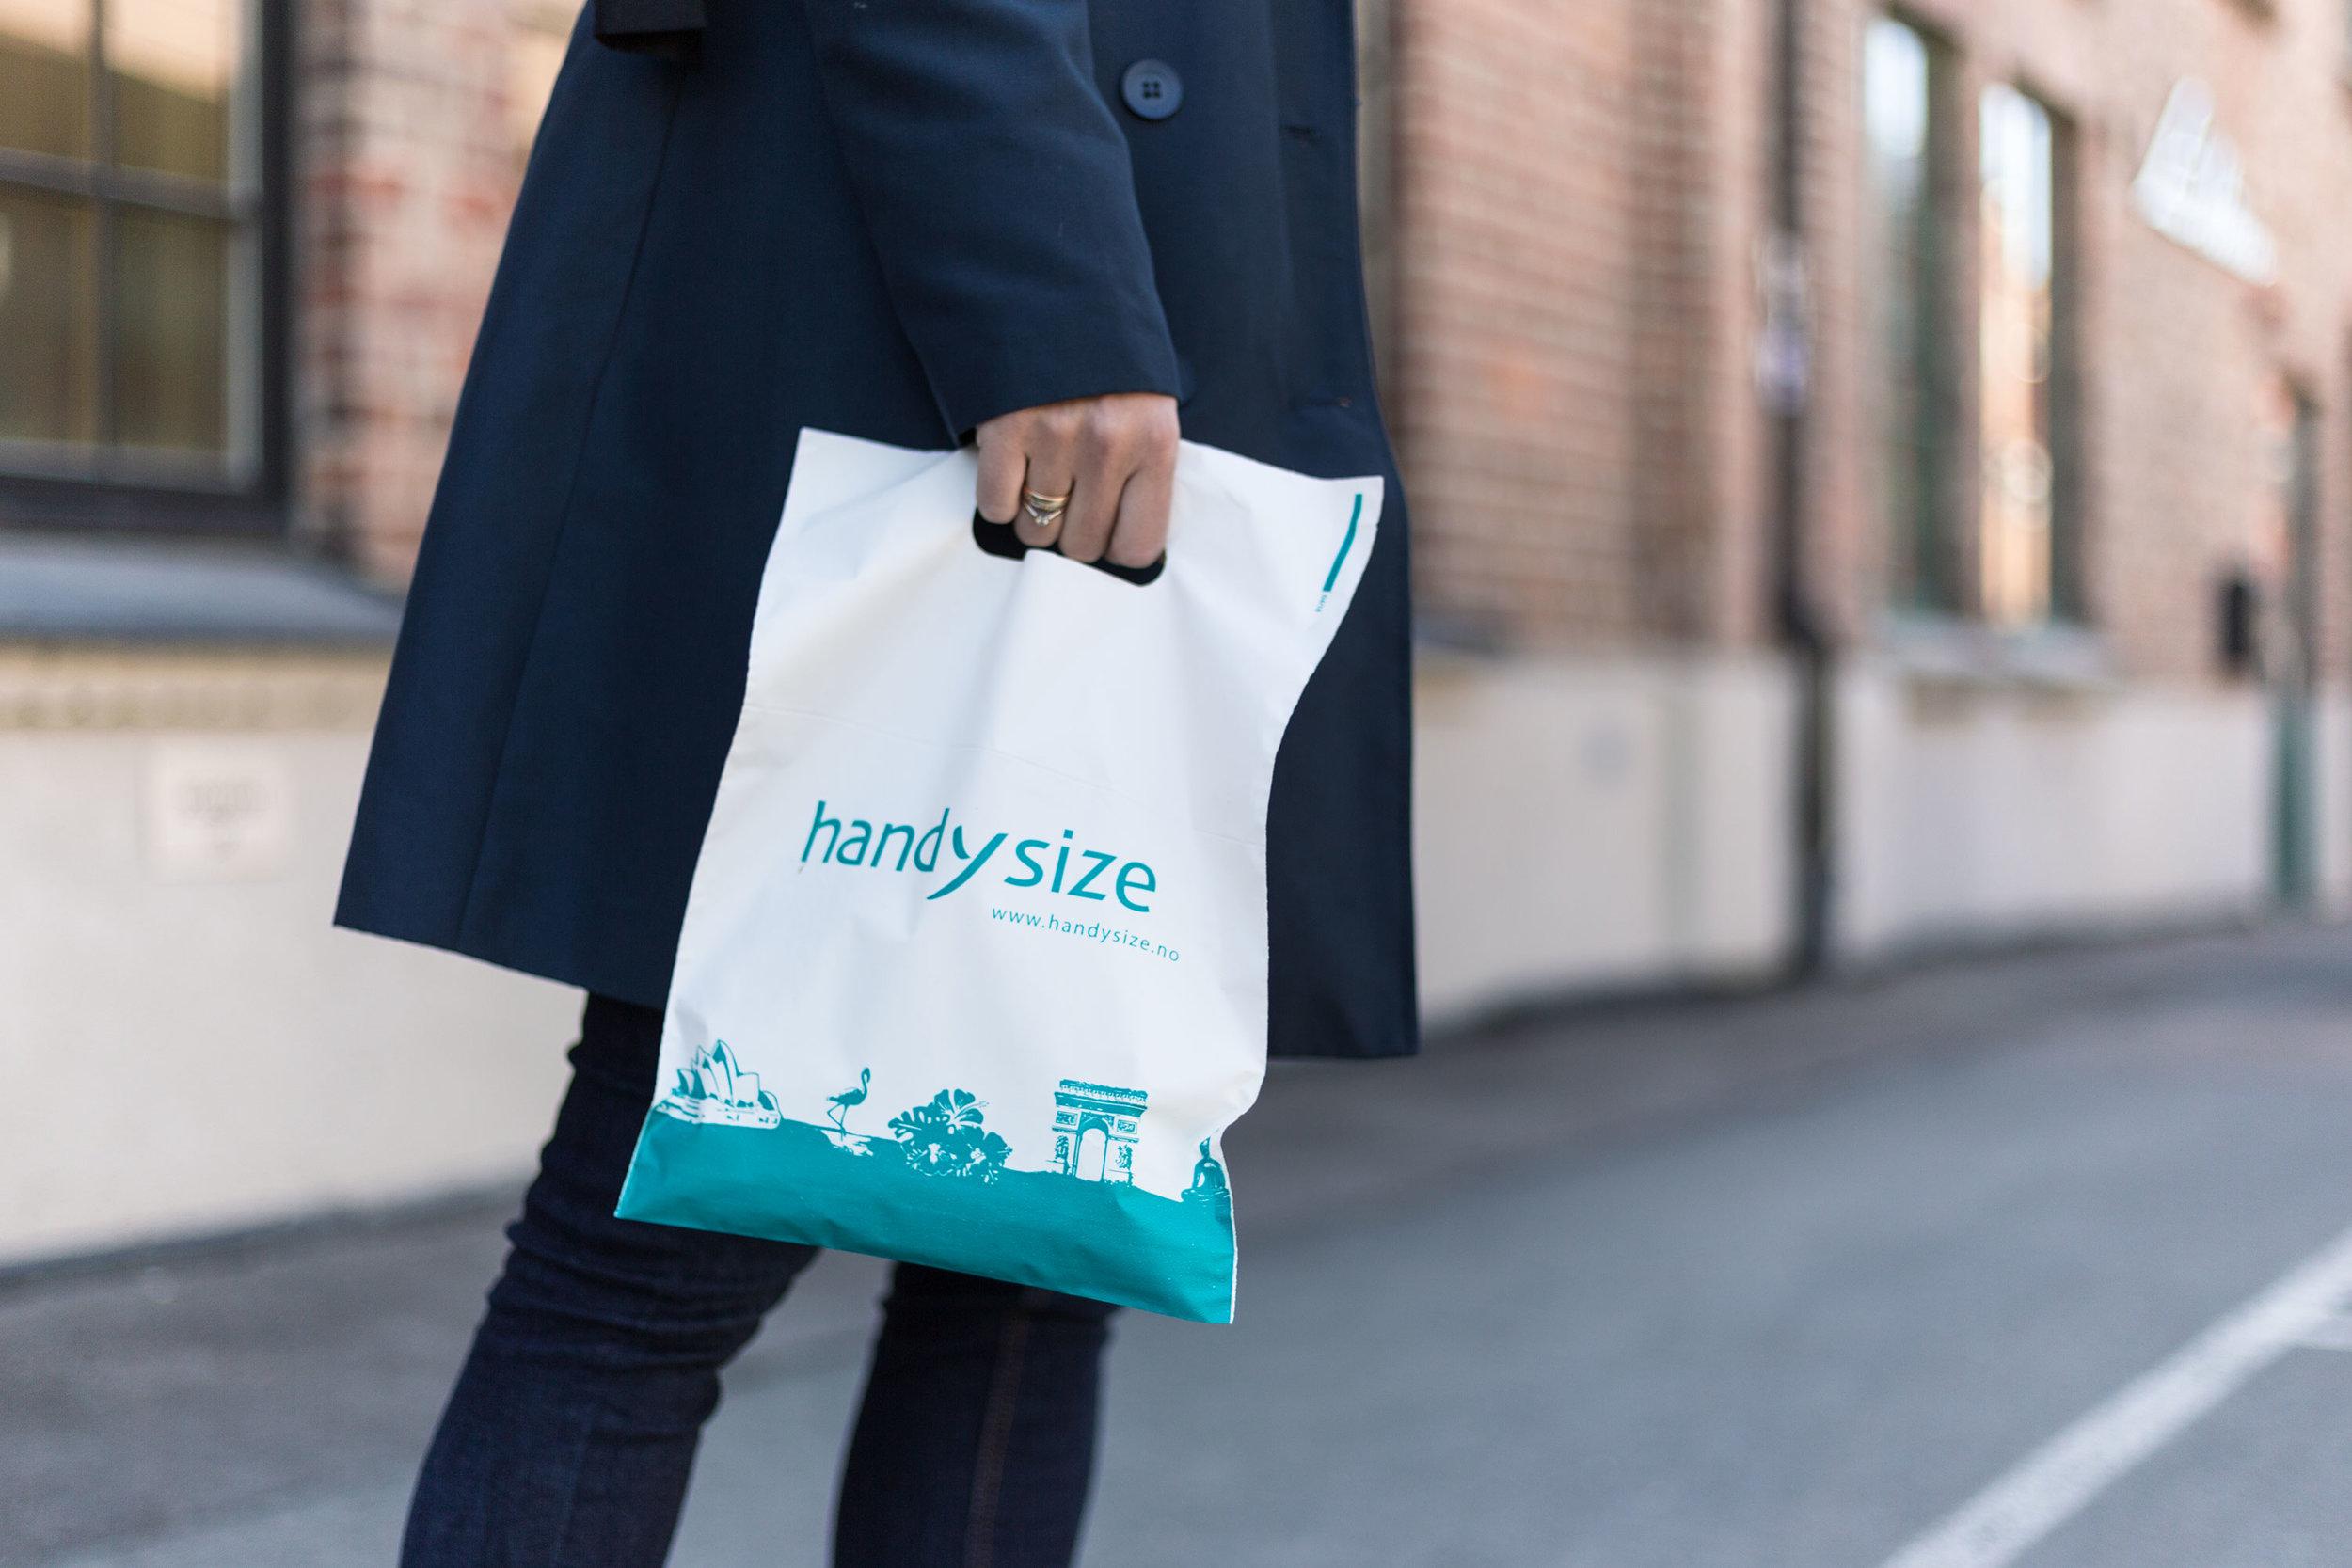 Handysize  selger smarte produkter for reise, ferie og fritid. Handysize har også vært smarte i valget av poser – ved å velge resirkulert plast sparer de miljøet for store utslipp.